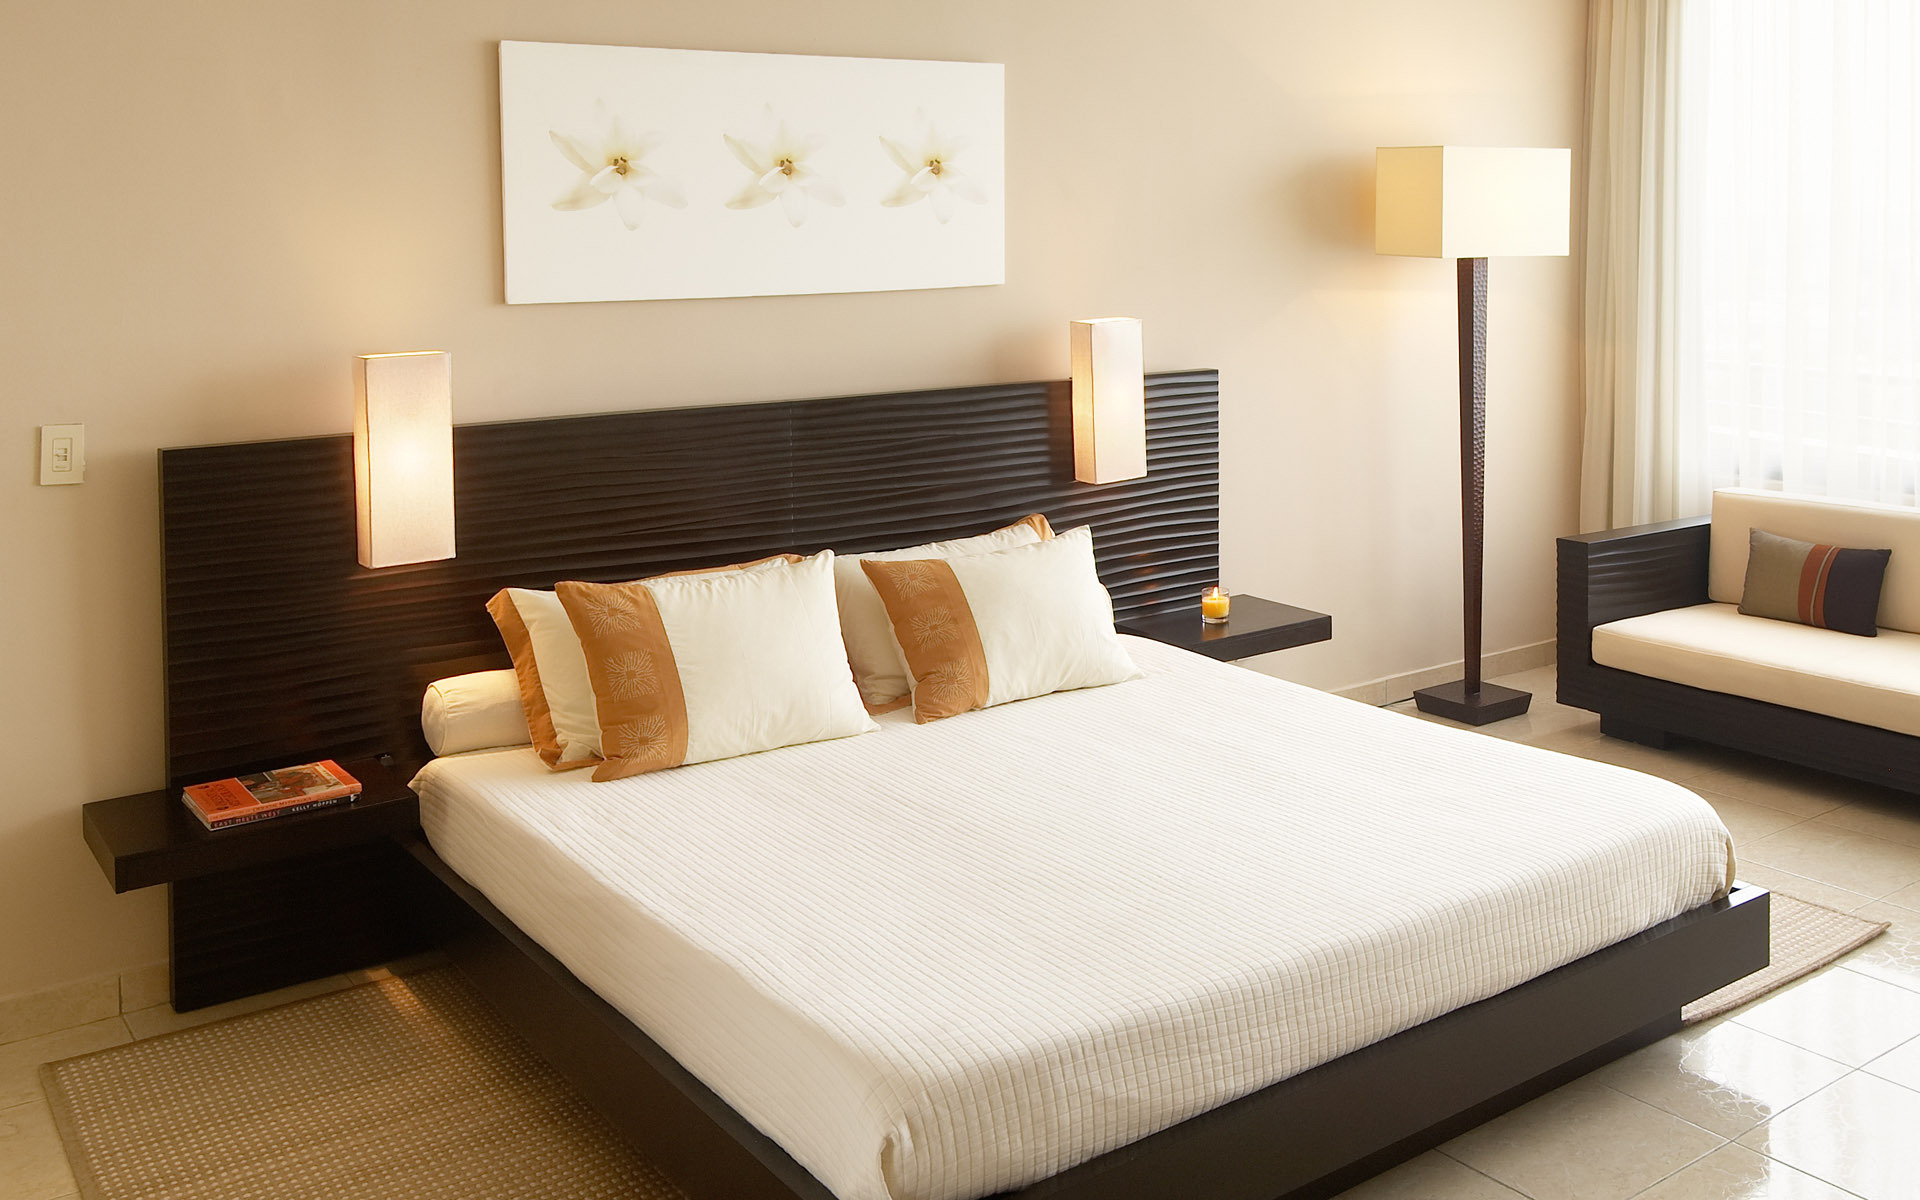 мебель для спальни кровать 2